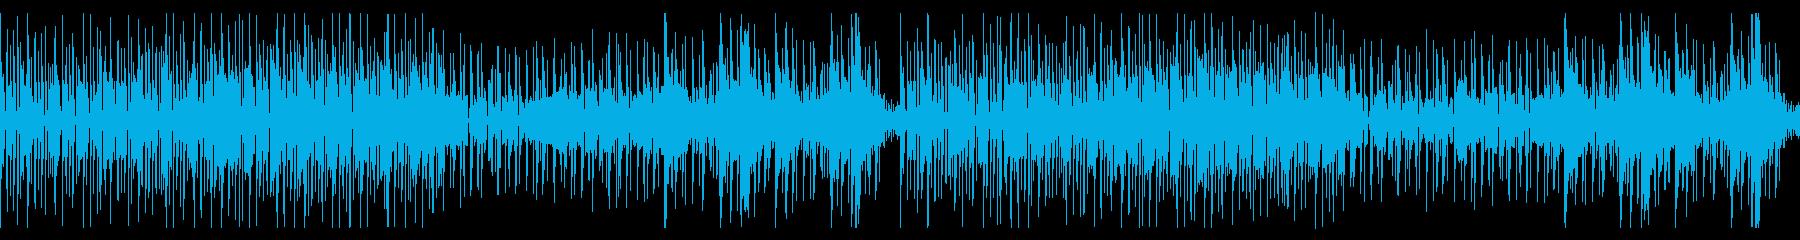 【ニュース】デジタルな分析・解説の再生済みの波形